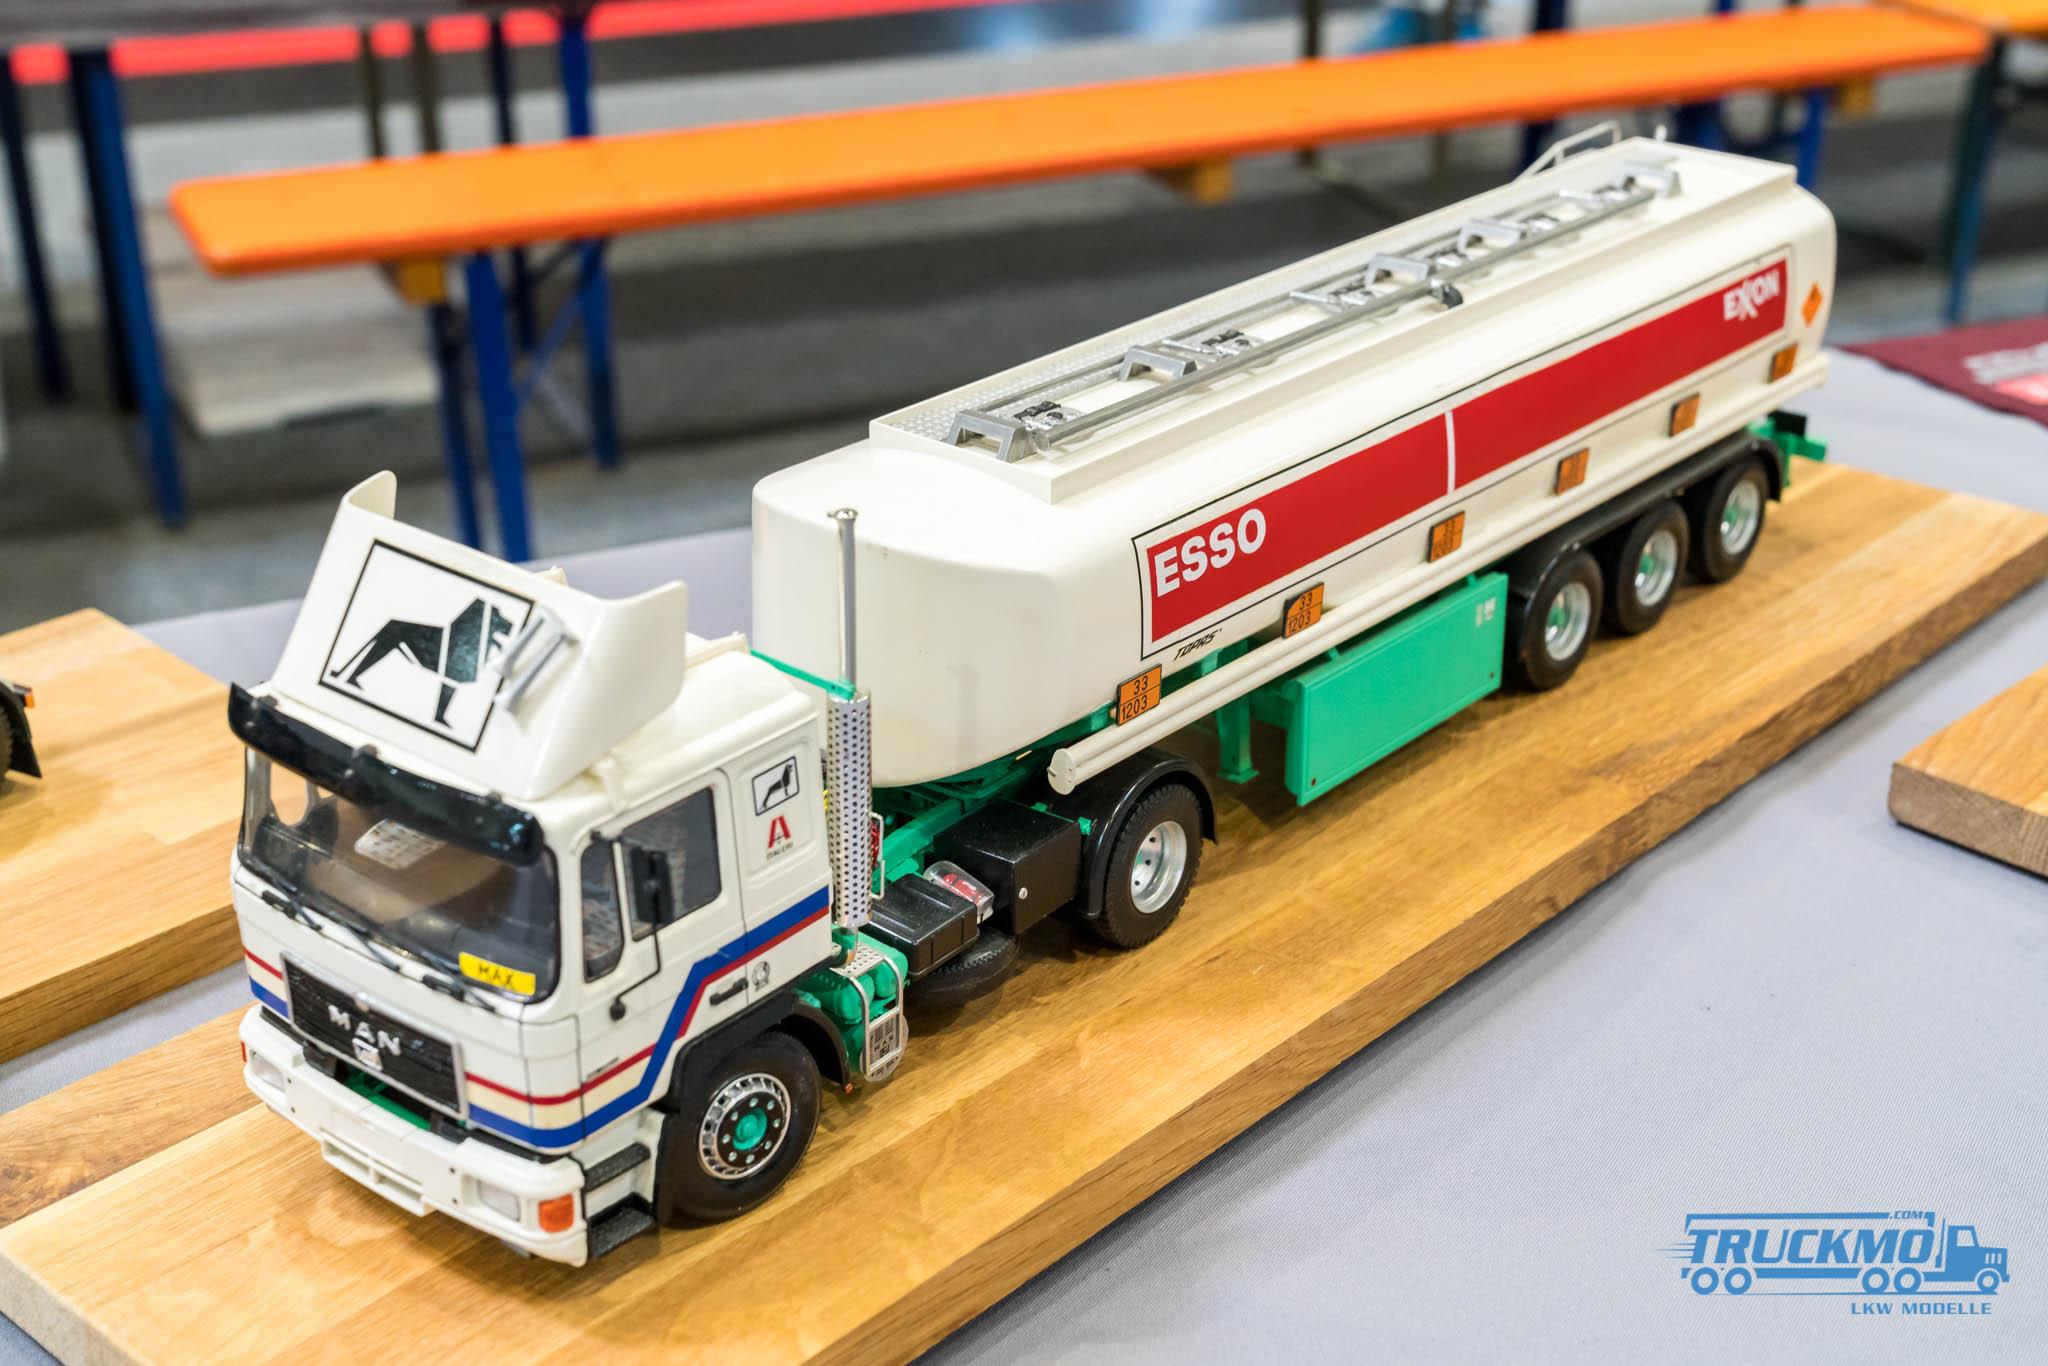 Truckmo_Modellbau_Ried_2017_Herpa_Messe_Modellbauausstellung (537 von 1177)